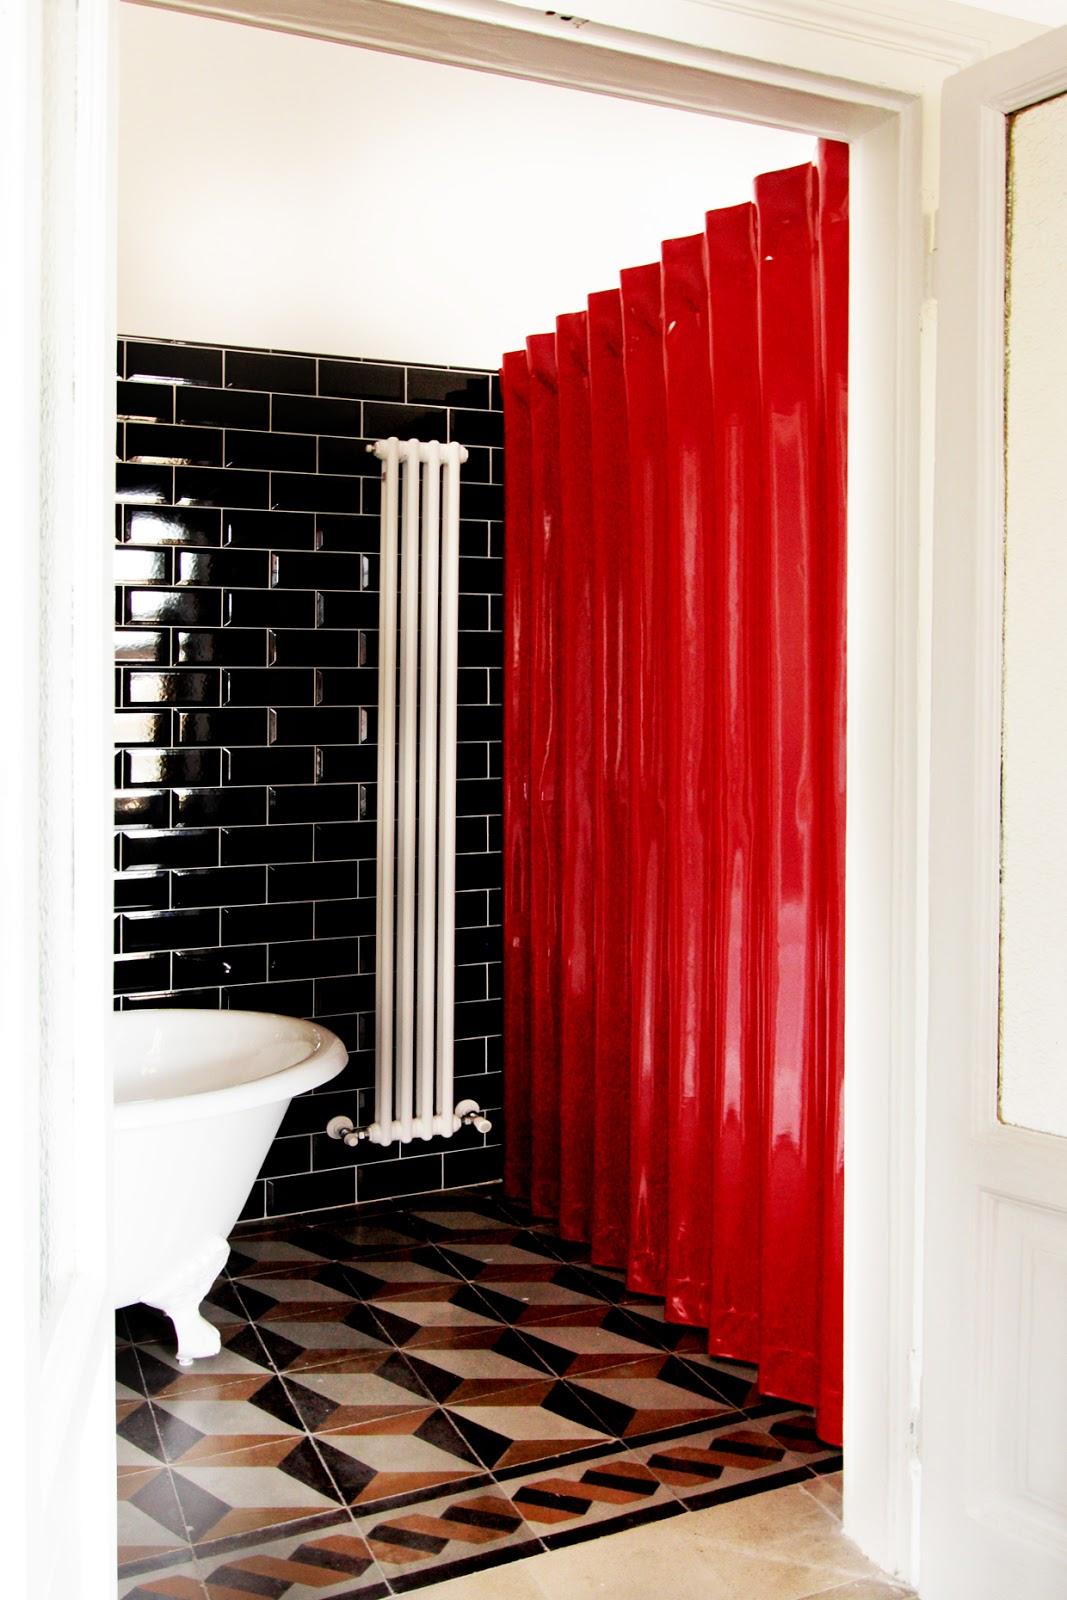 Porte a soffietto porta a soffietto rosso lucido - Architetto porta ...